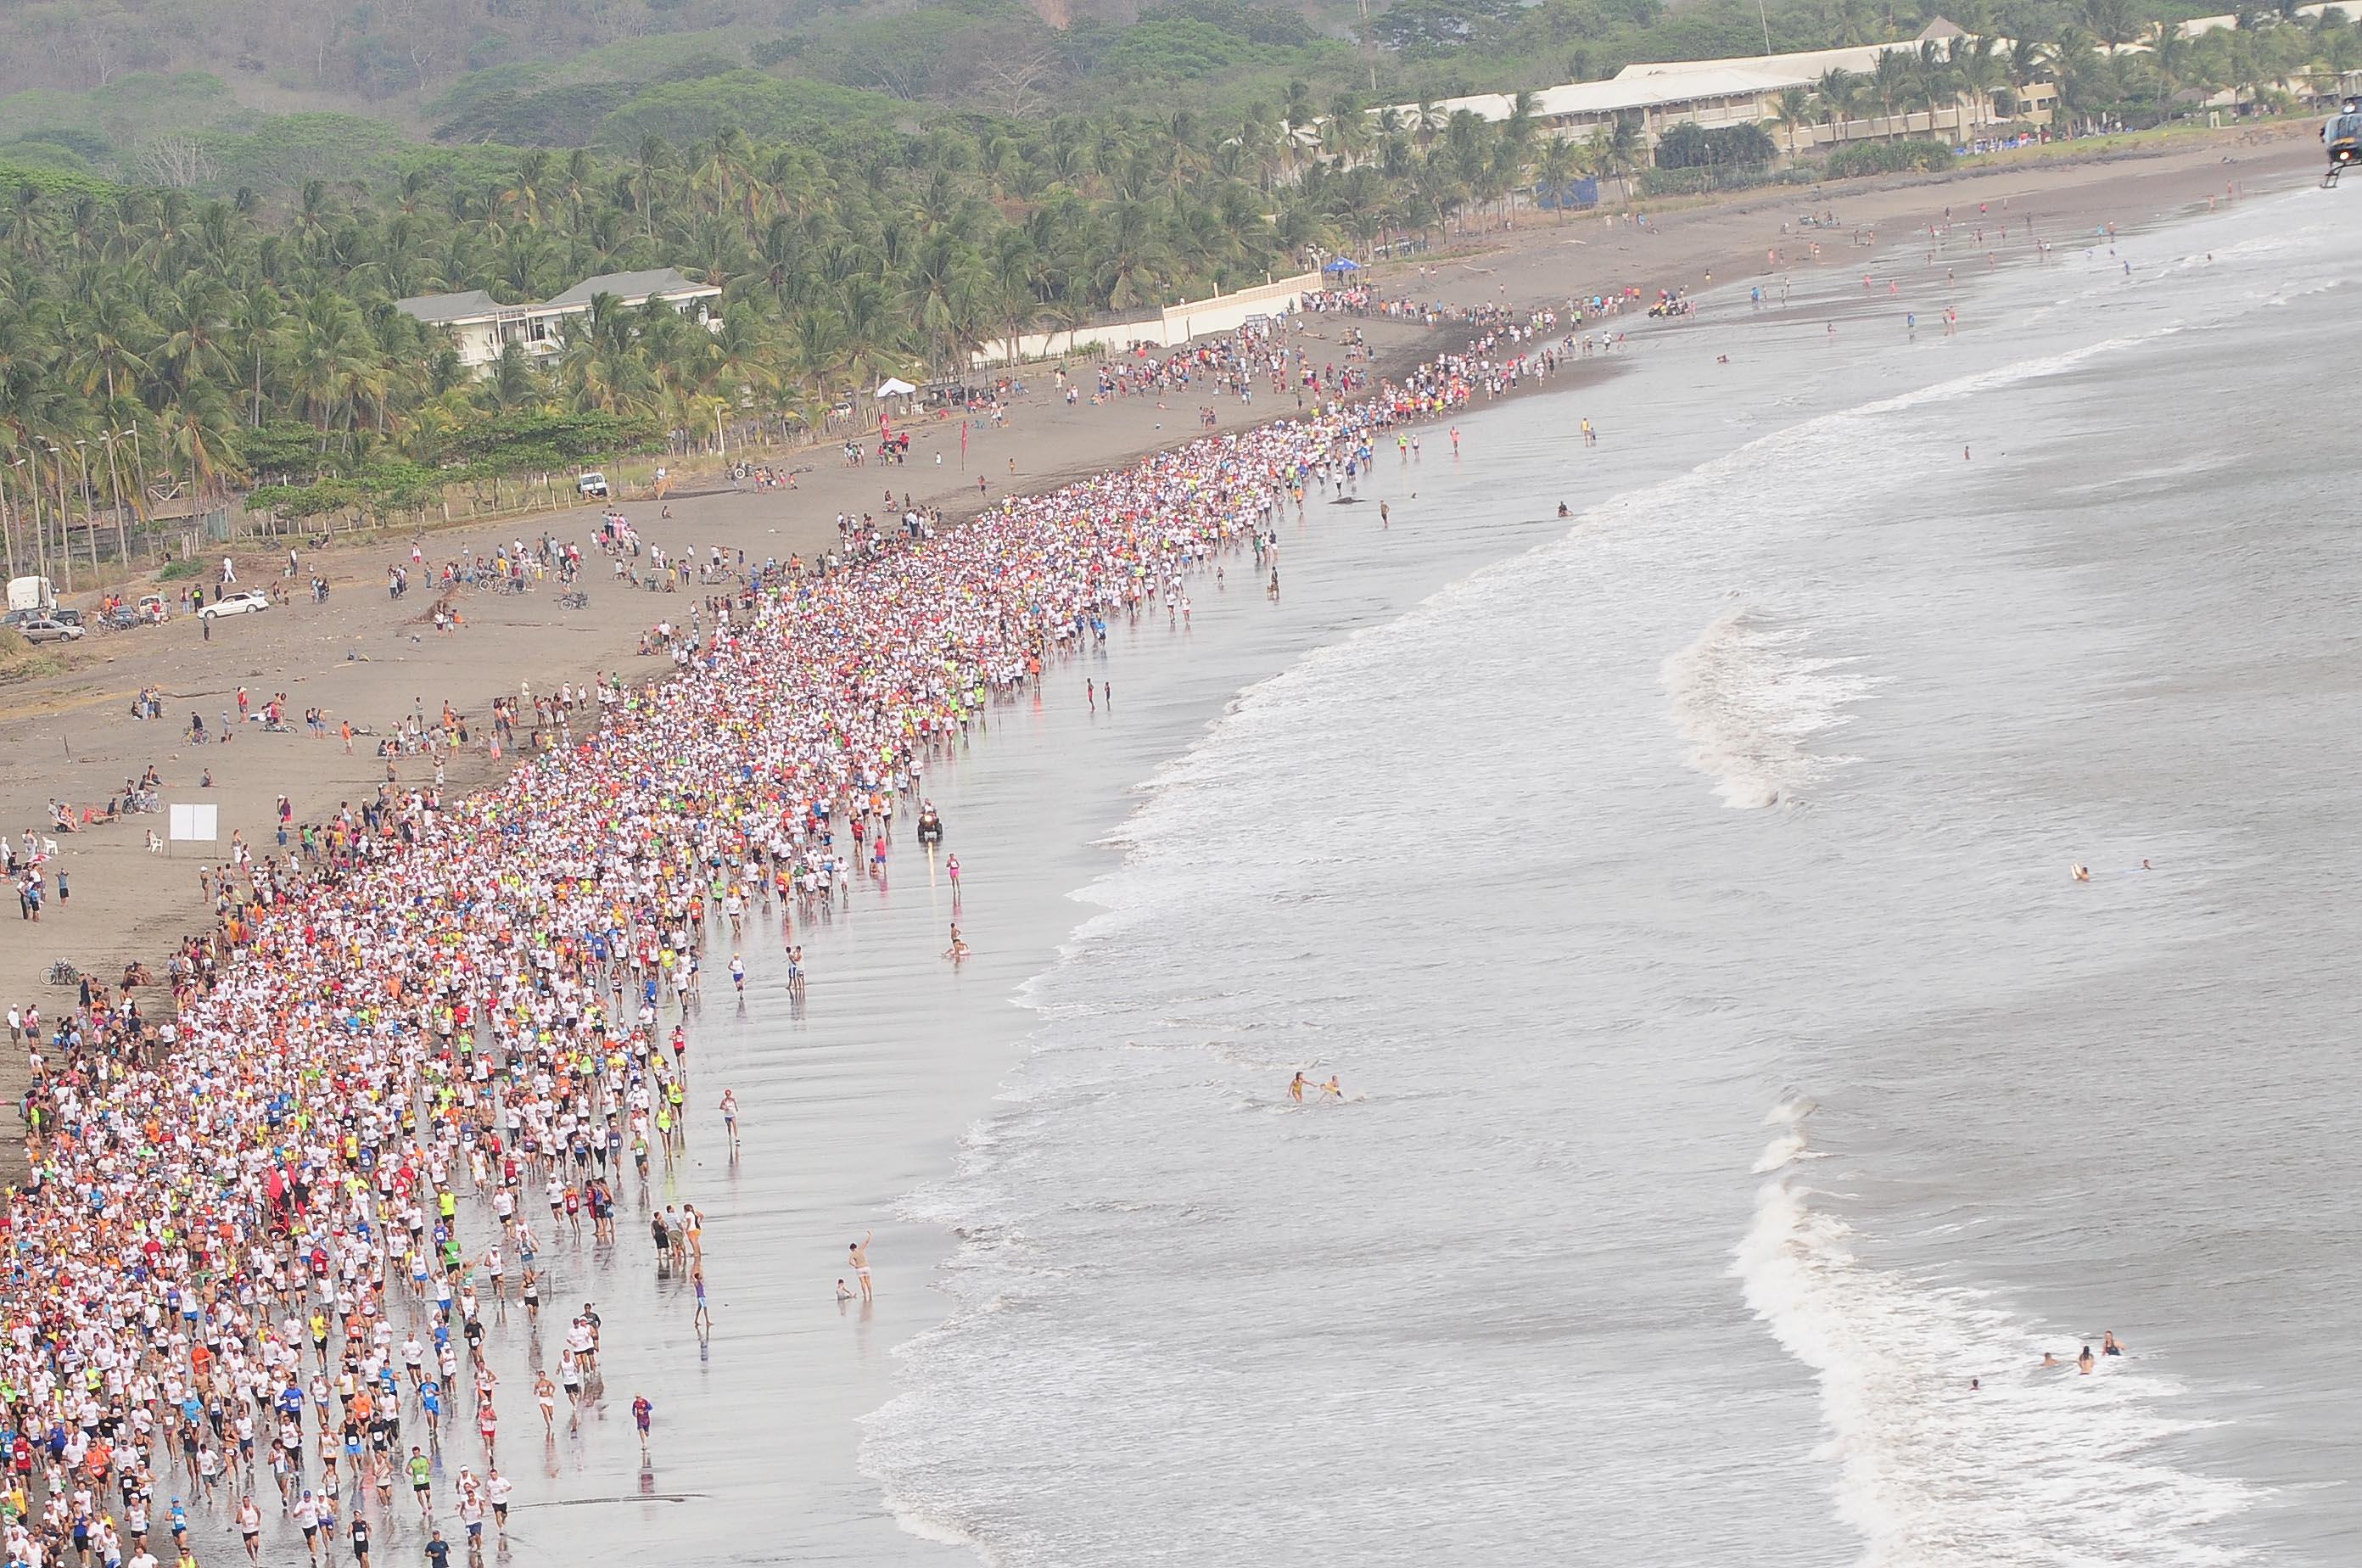 Autoridad médicas estarán atentas mañana en Puntarenas ante Carrera Sol y Arena